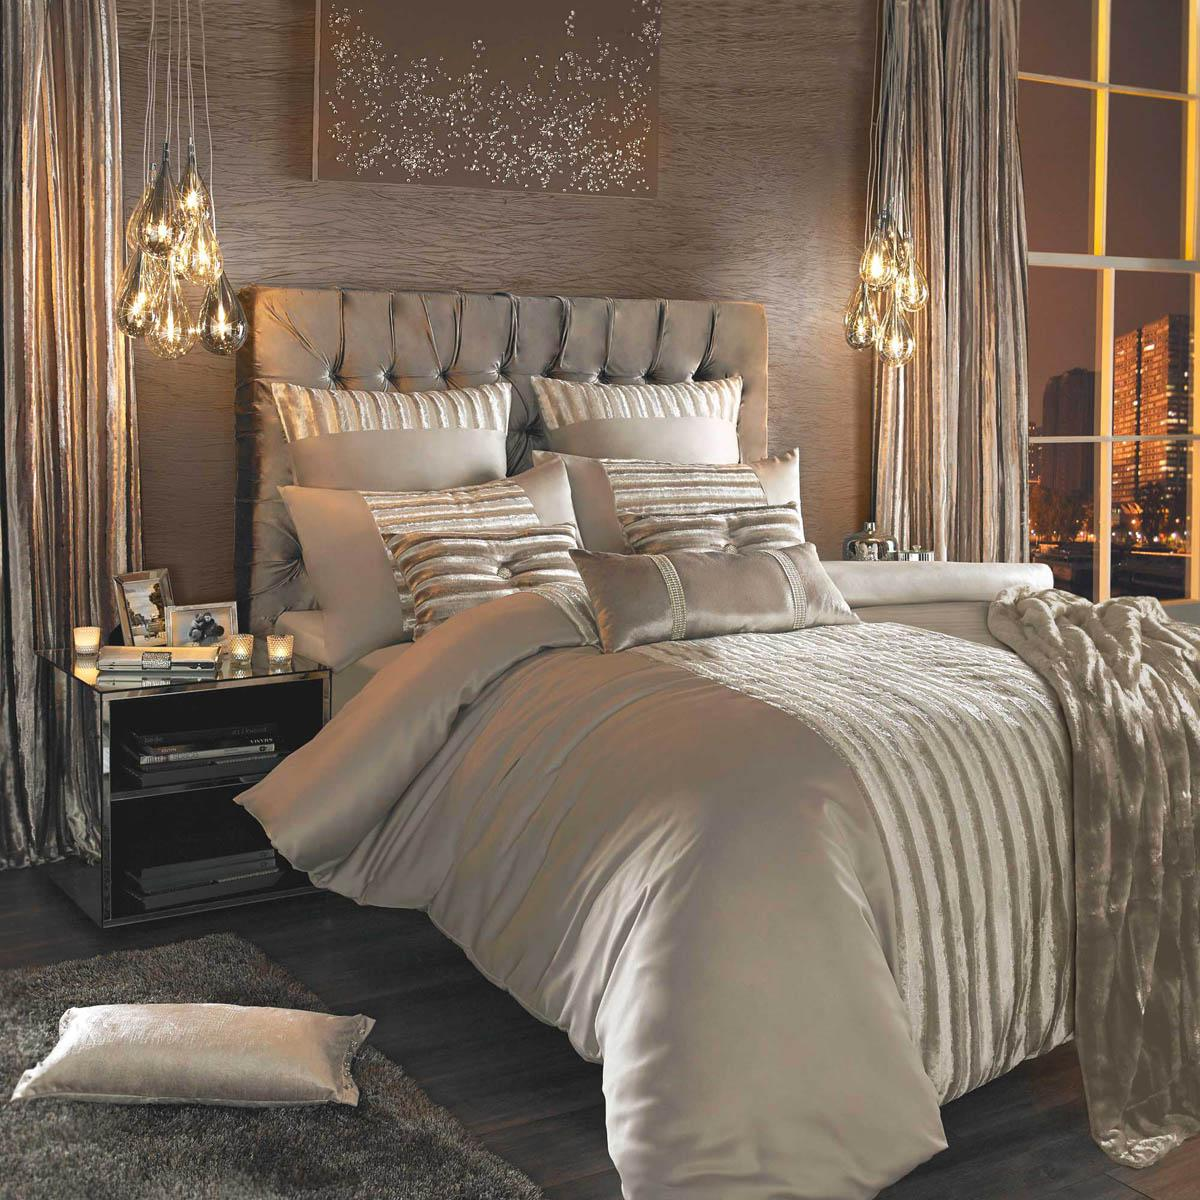 Kylie minogue luette bedding praline free uk delivery - Housse de couette beige ...